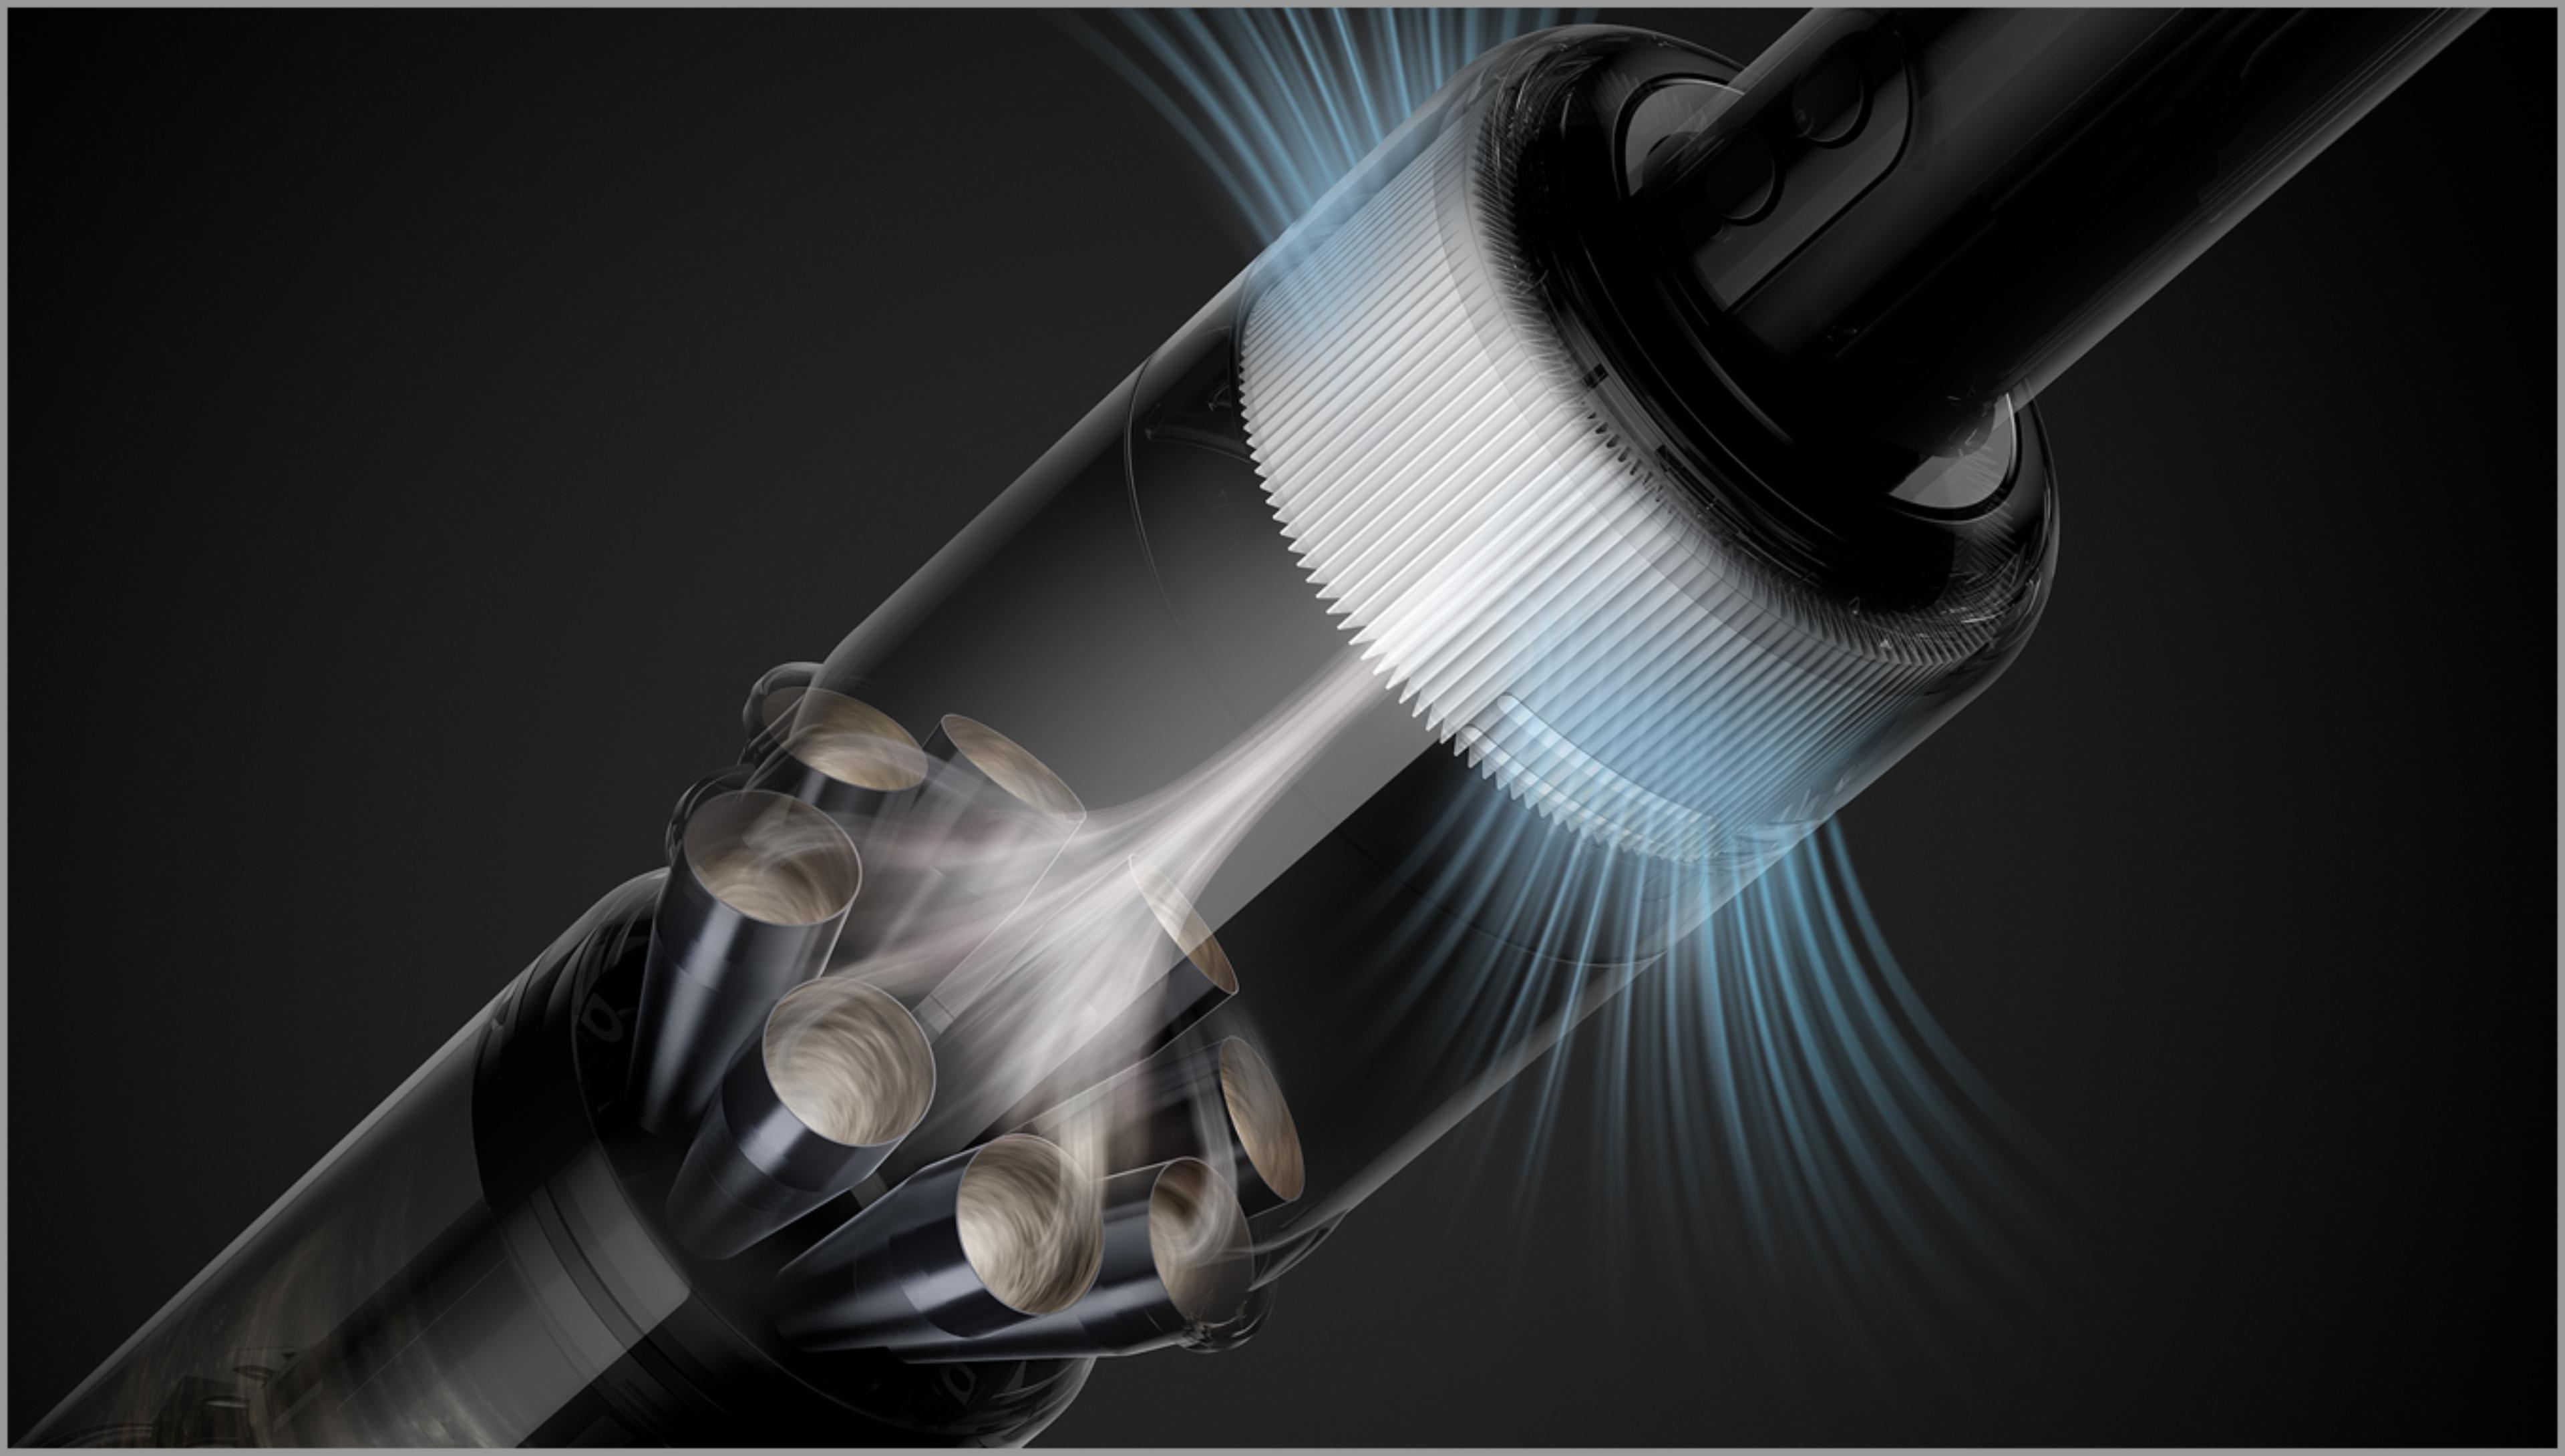 깨끗한 공기를 배출하는 첨단 필터레이션 시스템